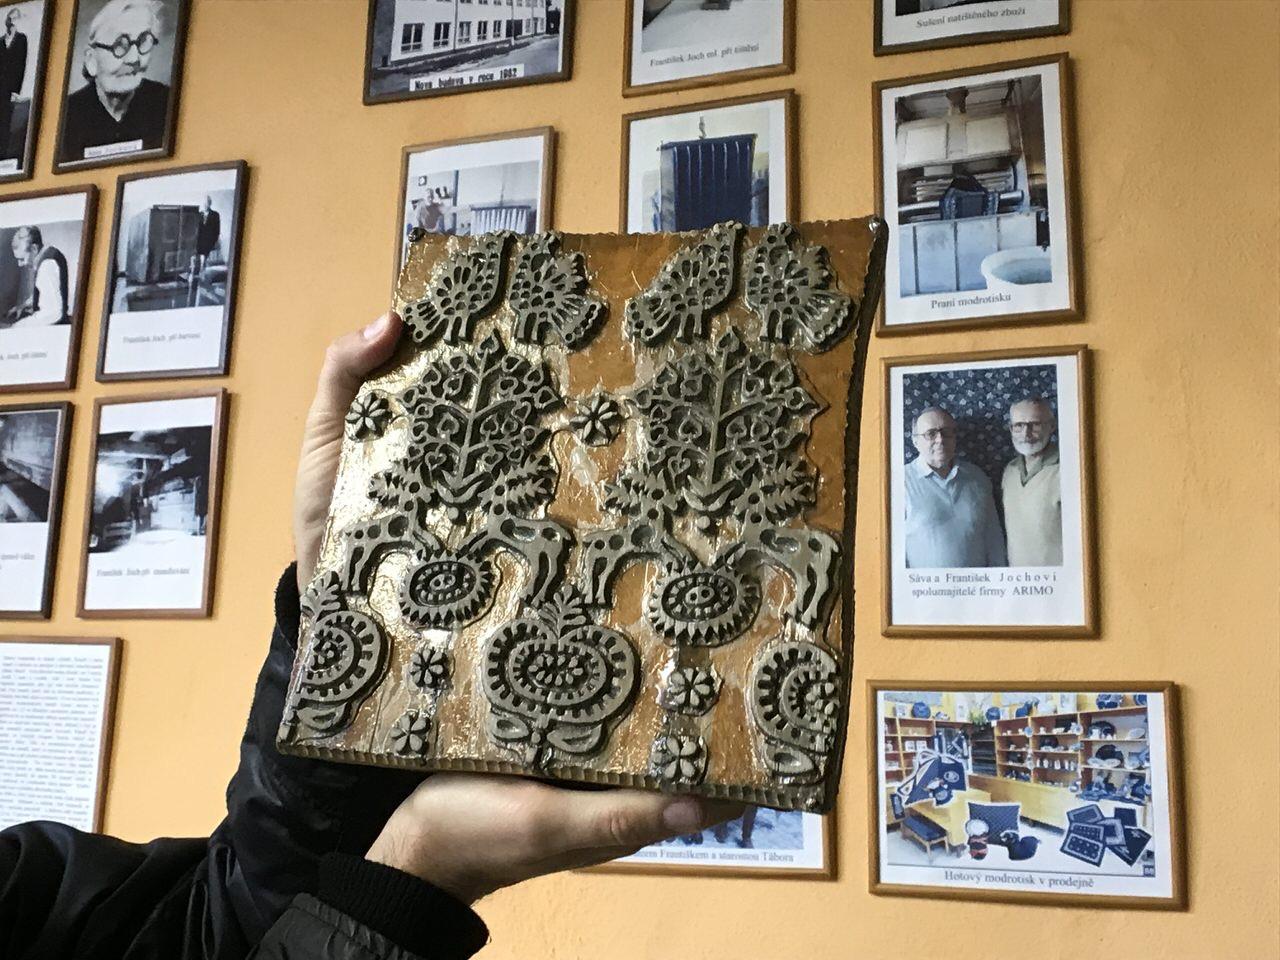 世界遺産に認定されるチェコのブループリント(藍染)工房「modrotisk」